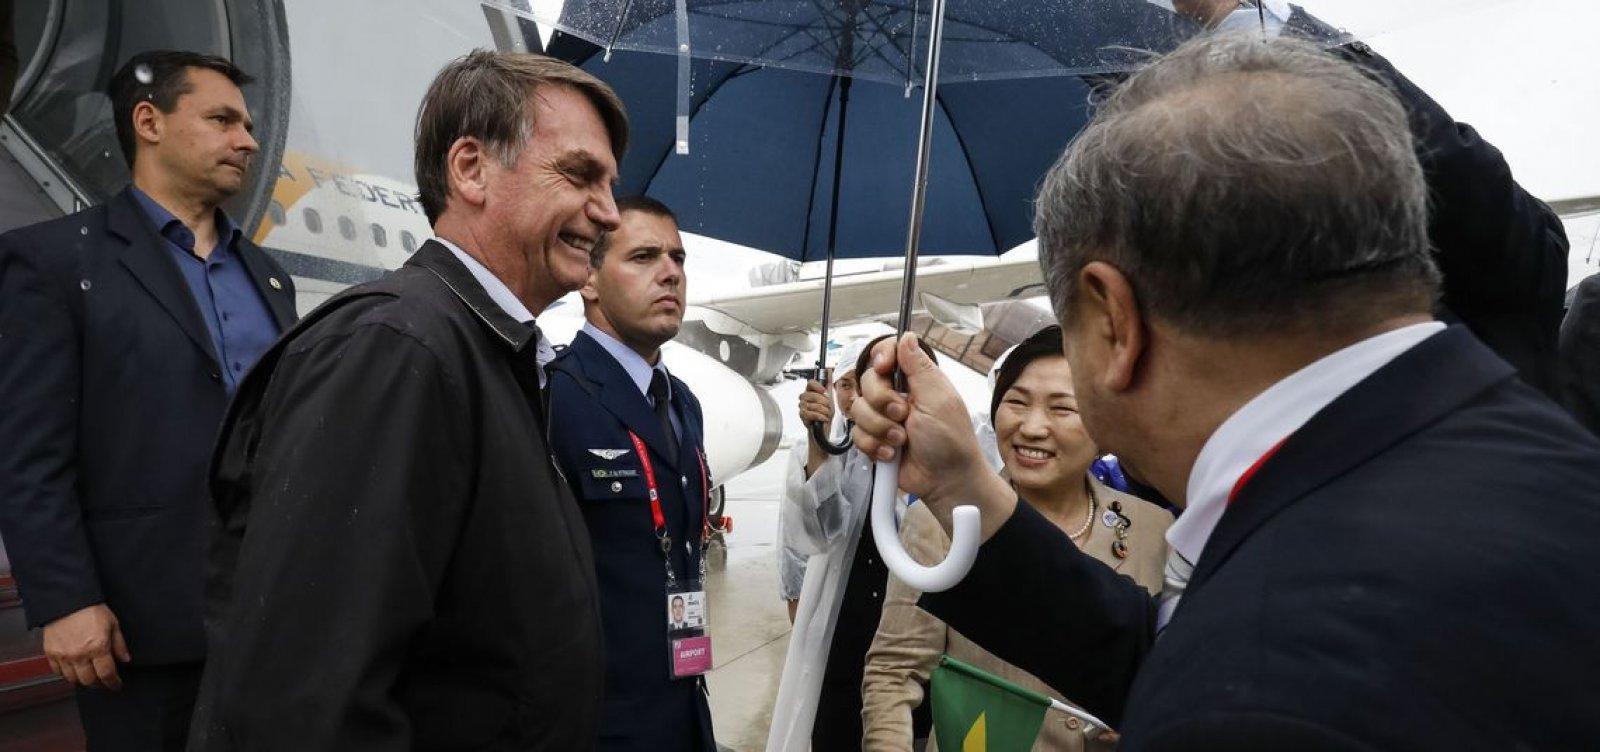 Não vim ser advertido por outros países, diz Bolsonaro ao rebater Merkel